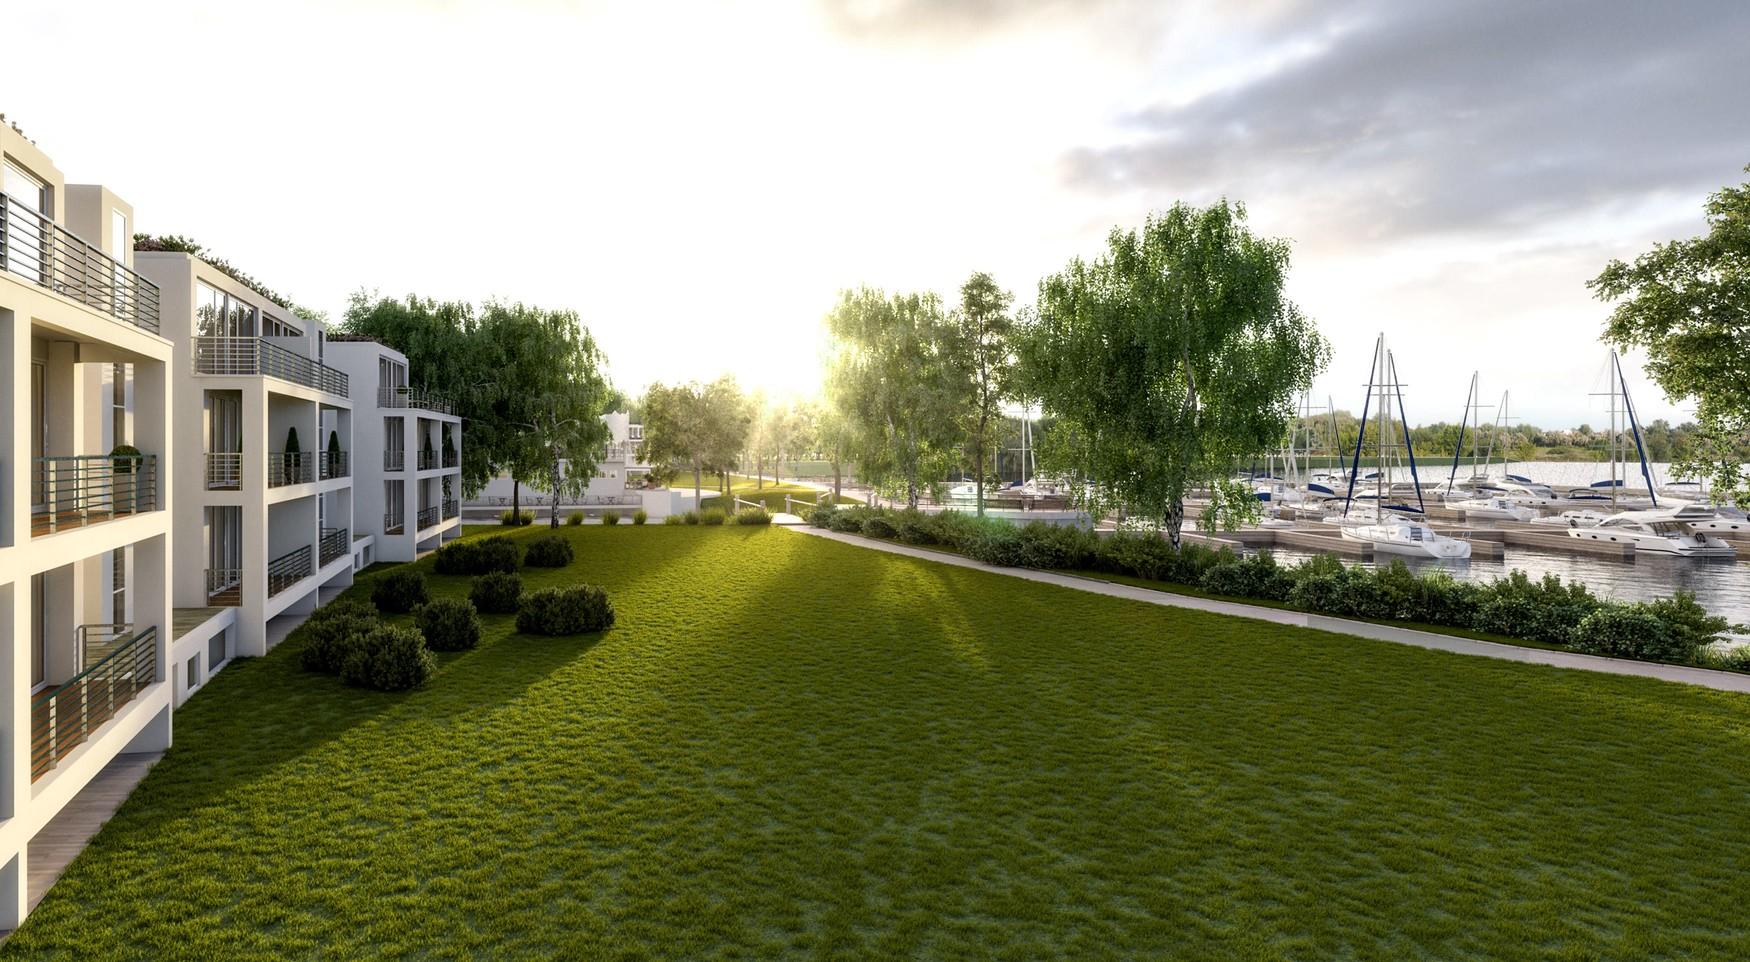 Yachthafen Resort und Spa in Waren (Müritz), Objektbeschreibung Bild 2